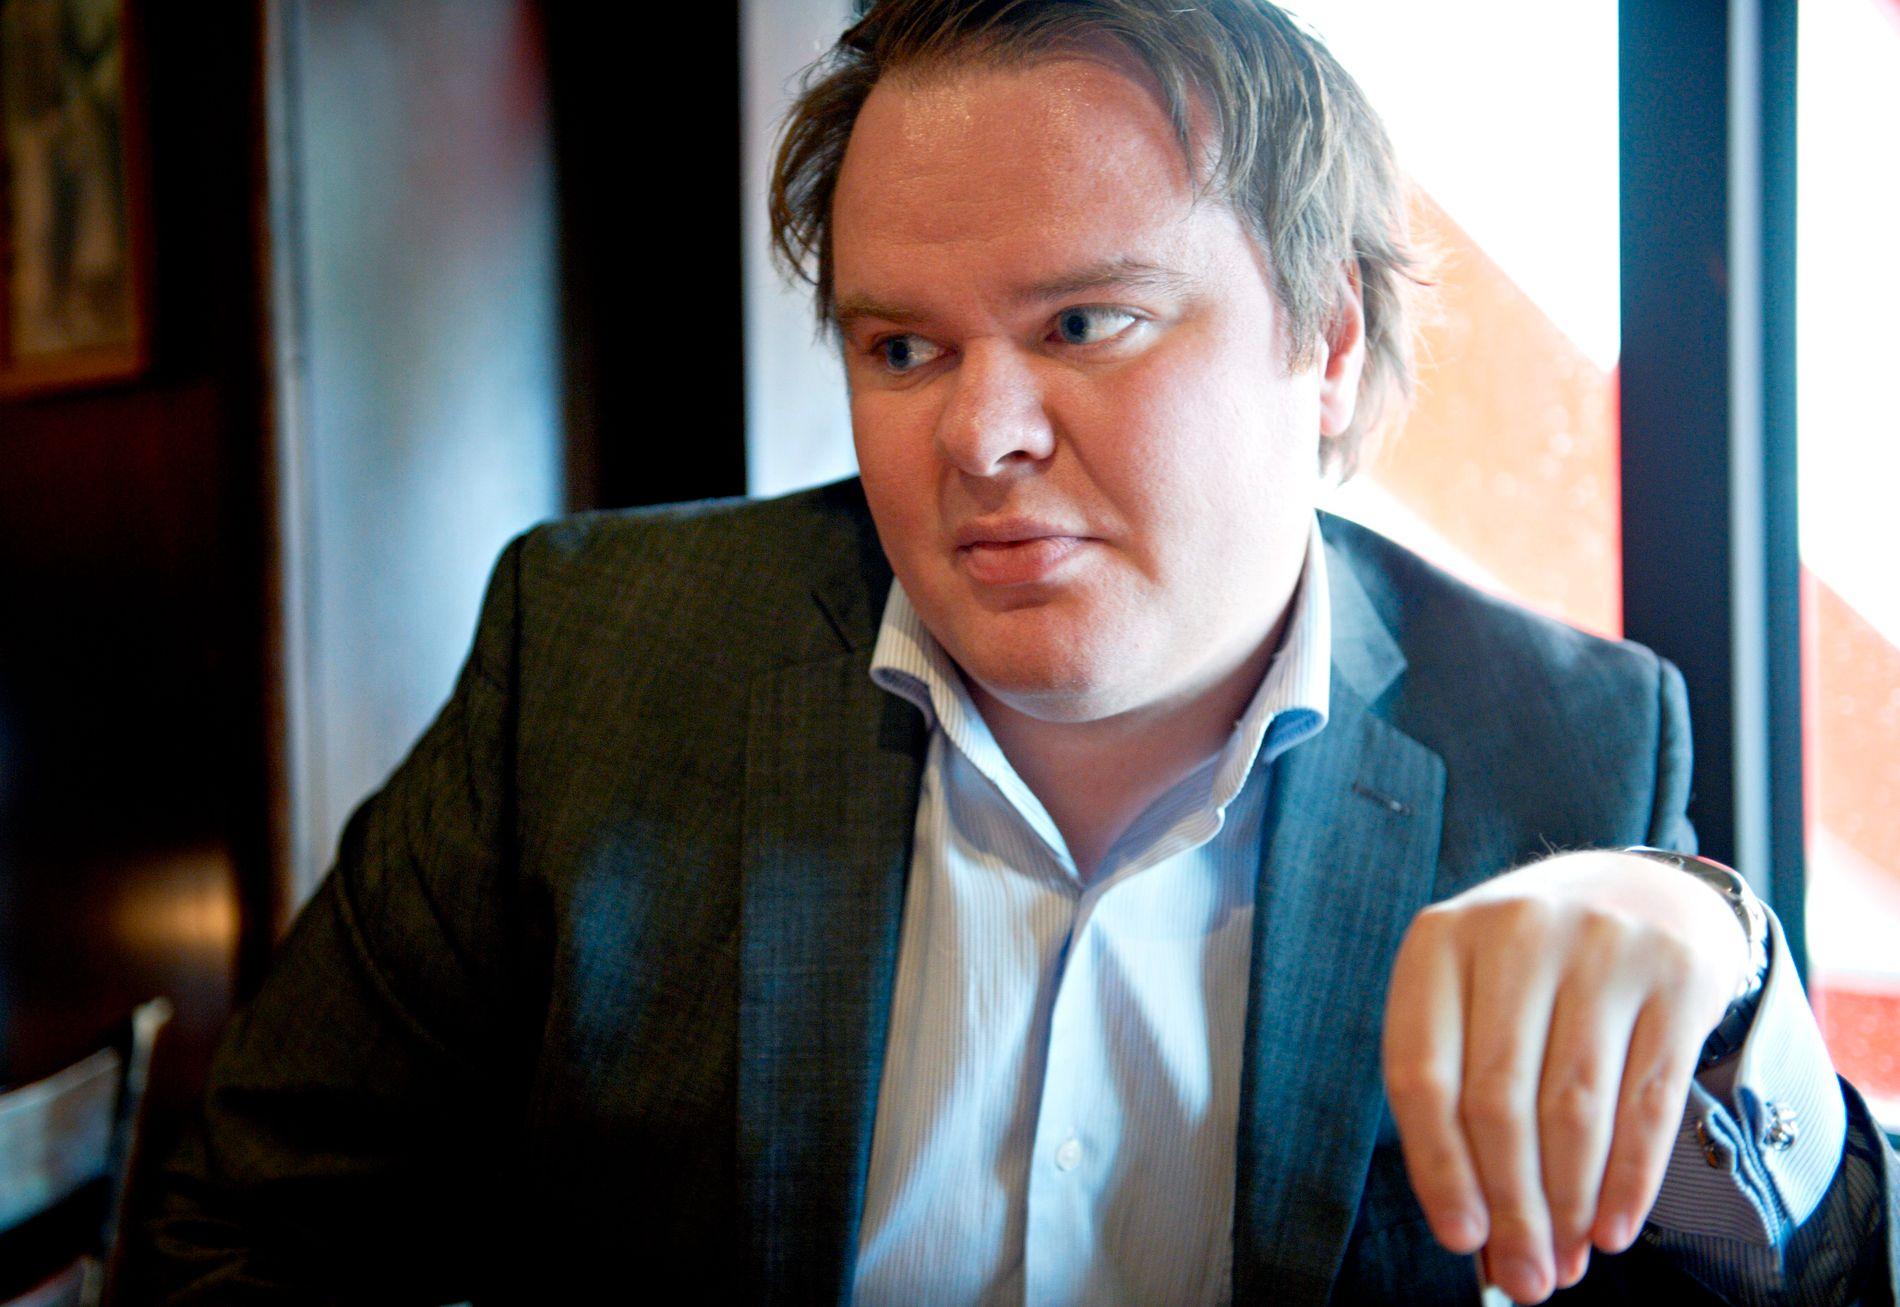 – TAR BEKYMRINGENE PÅ ALVOR: Statssekretær Ove Vanebo forteller at regjeringen tar bekymringene om svekket innsats mot økonomisk kriminalitet på alvor. Samtidig mener han regjeringen har tatt en rekke viktige grep.